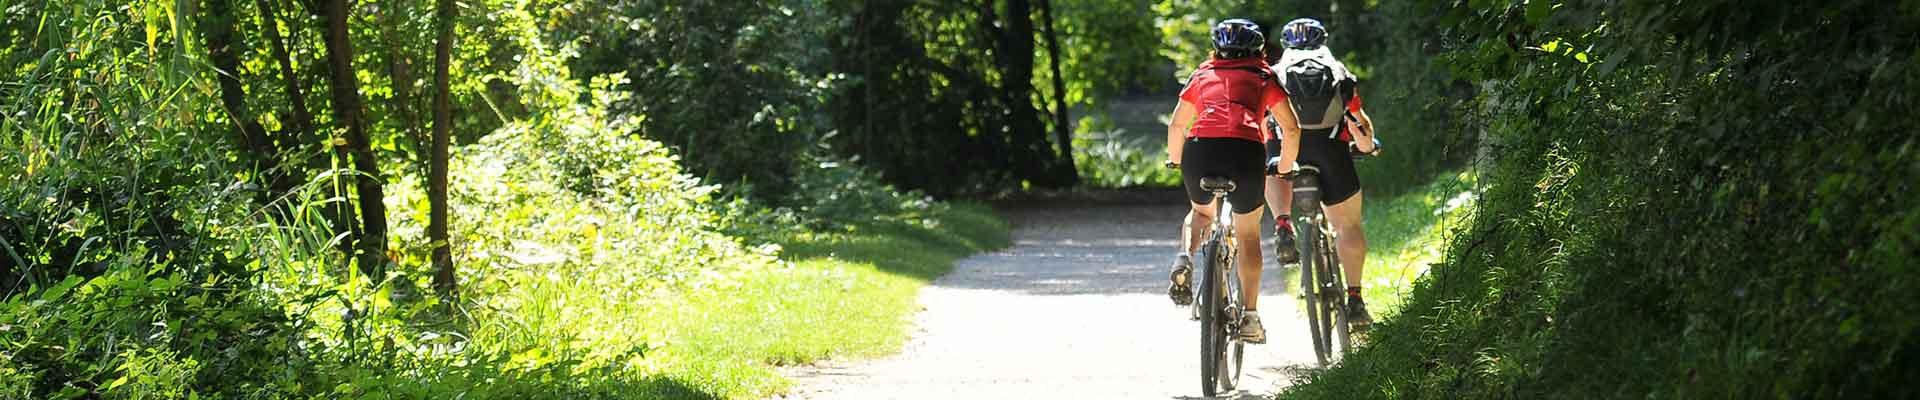 Radweg - Radfahren im Schmidatal